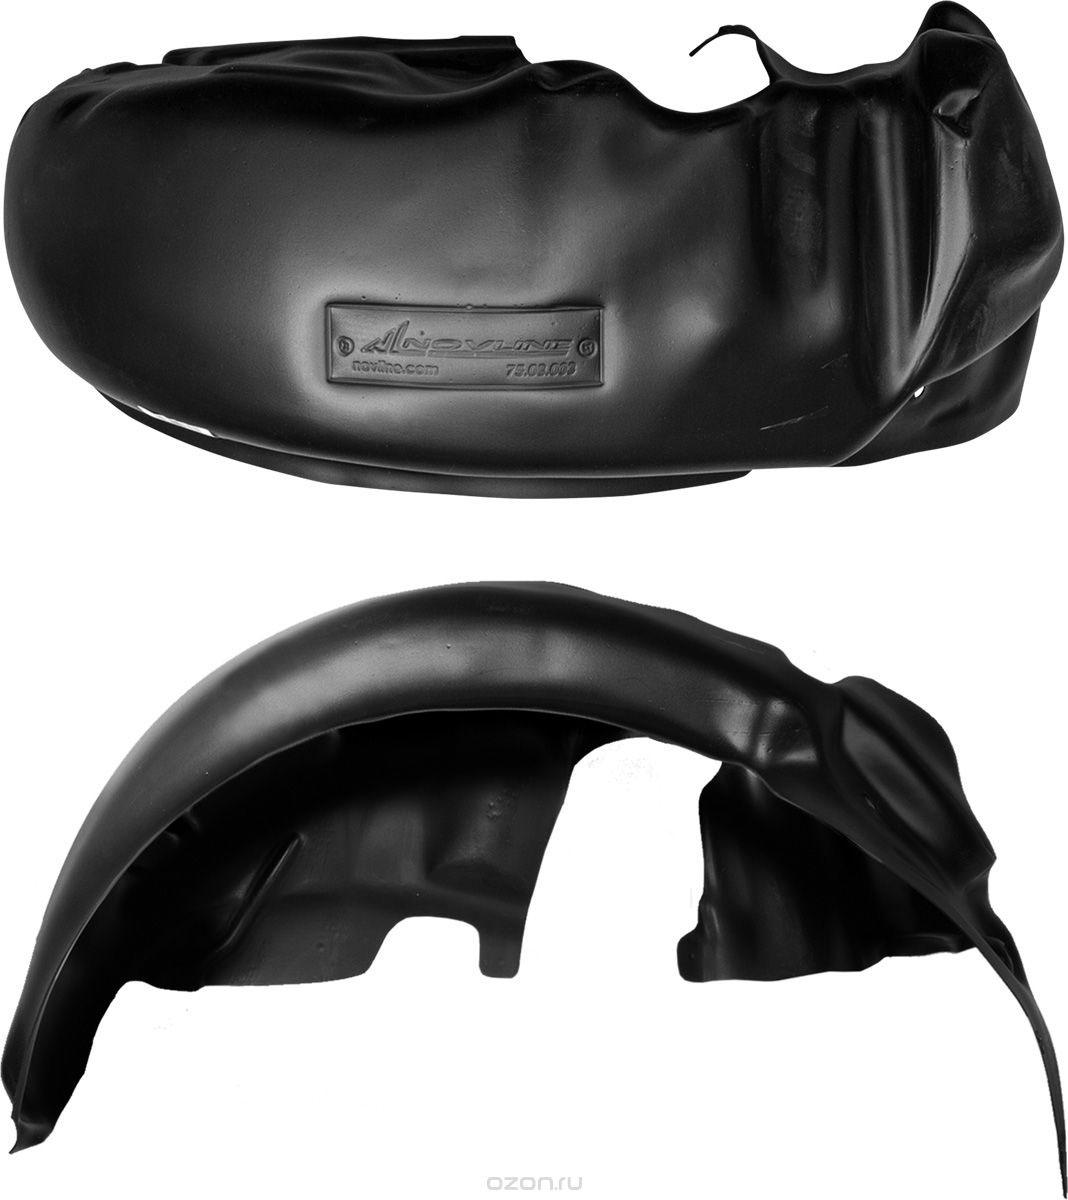 Подкрылок Novline-Autofamily, для PEUGEOT 4007 2007-2012, задний правыйVCA-00Идеальная защита колесной ниши. Локеры разработаны с применением цифровых технологий, гарантируют максимальную повторяемость поверхности арки. Изделия устанавливаются без нарушения лакокрасочного покрытия автомобиля, каждый подкрылок комплектуется крепежом. Уважаемые клиенты, обращаем ваше внимание, что фотографии на подкрылки универсальные и не отражают реальную форму изделия. При этом само изделие идет точно под размер указанного автомобиля.